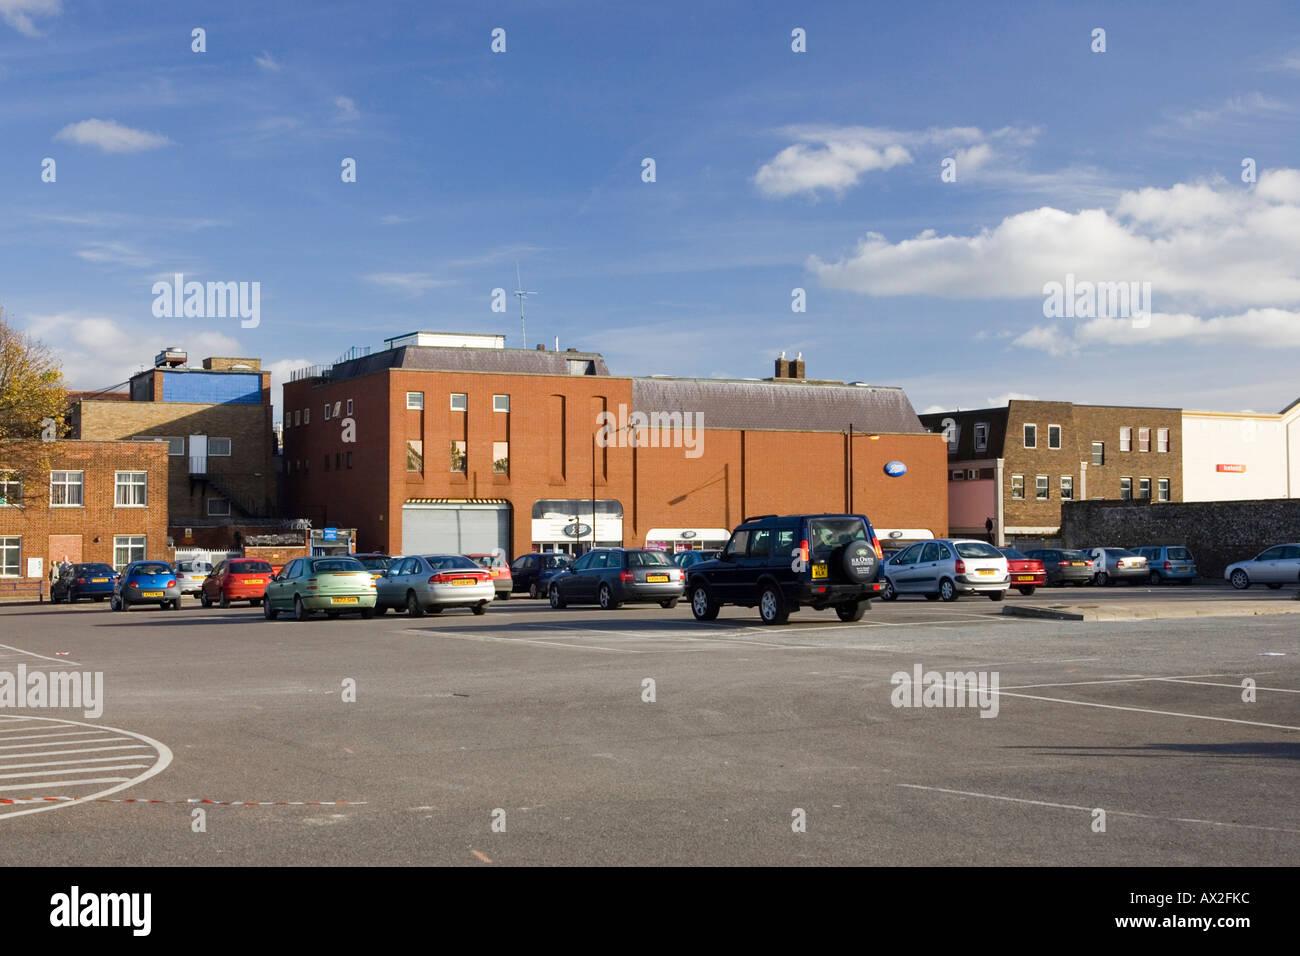 Cattle market car park